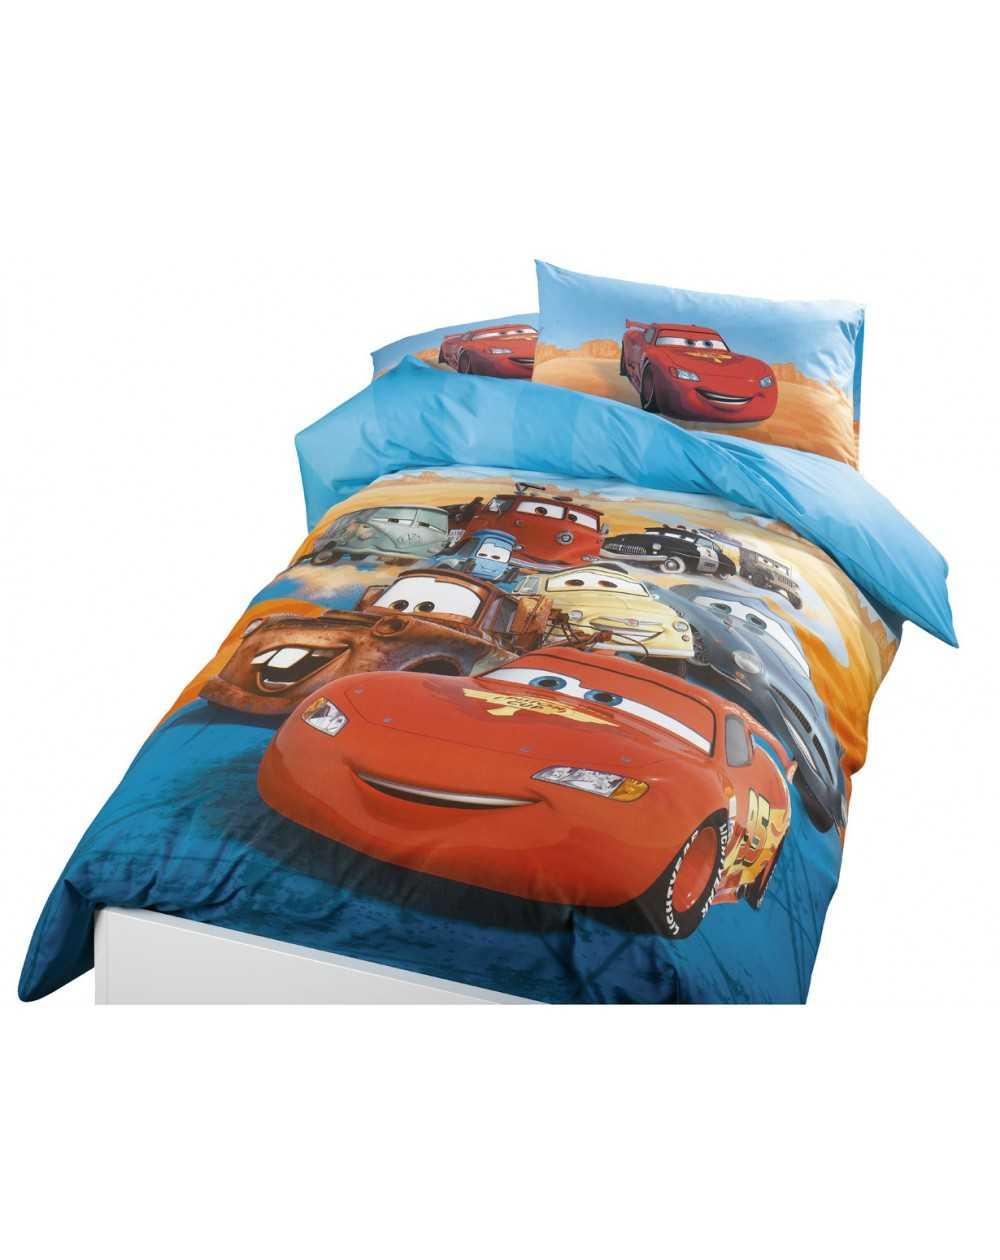 Completo Copripiumino Caleffi Disney.Parure Letto Singolo Copripiumino Cars Flash Disney Box Regalo Esclusivo